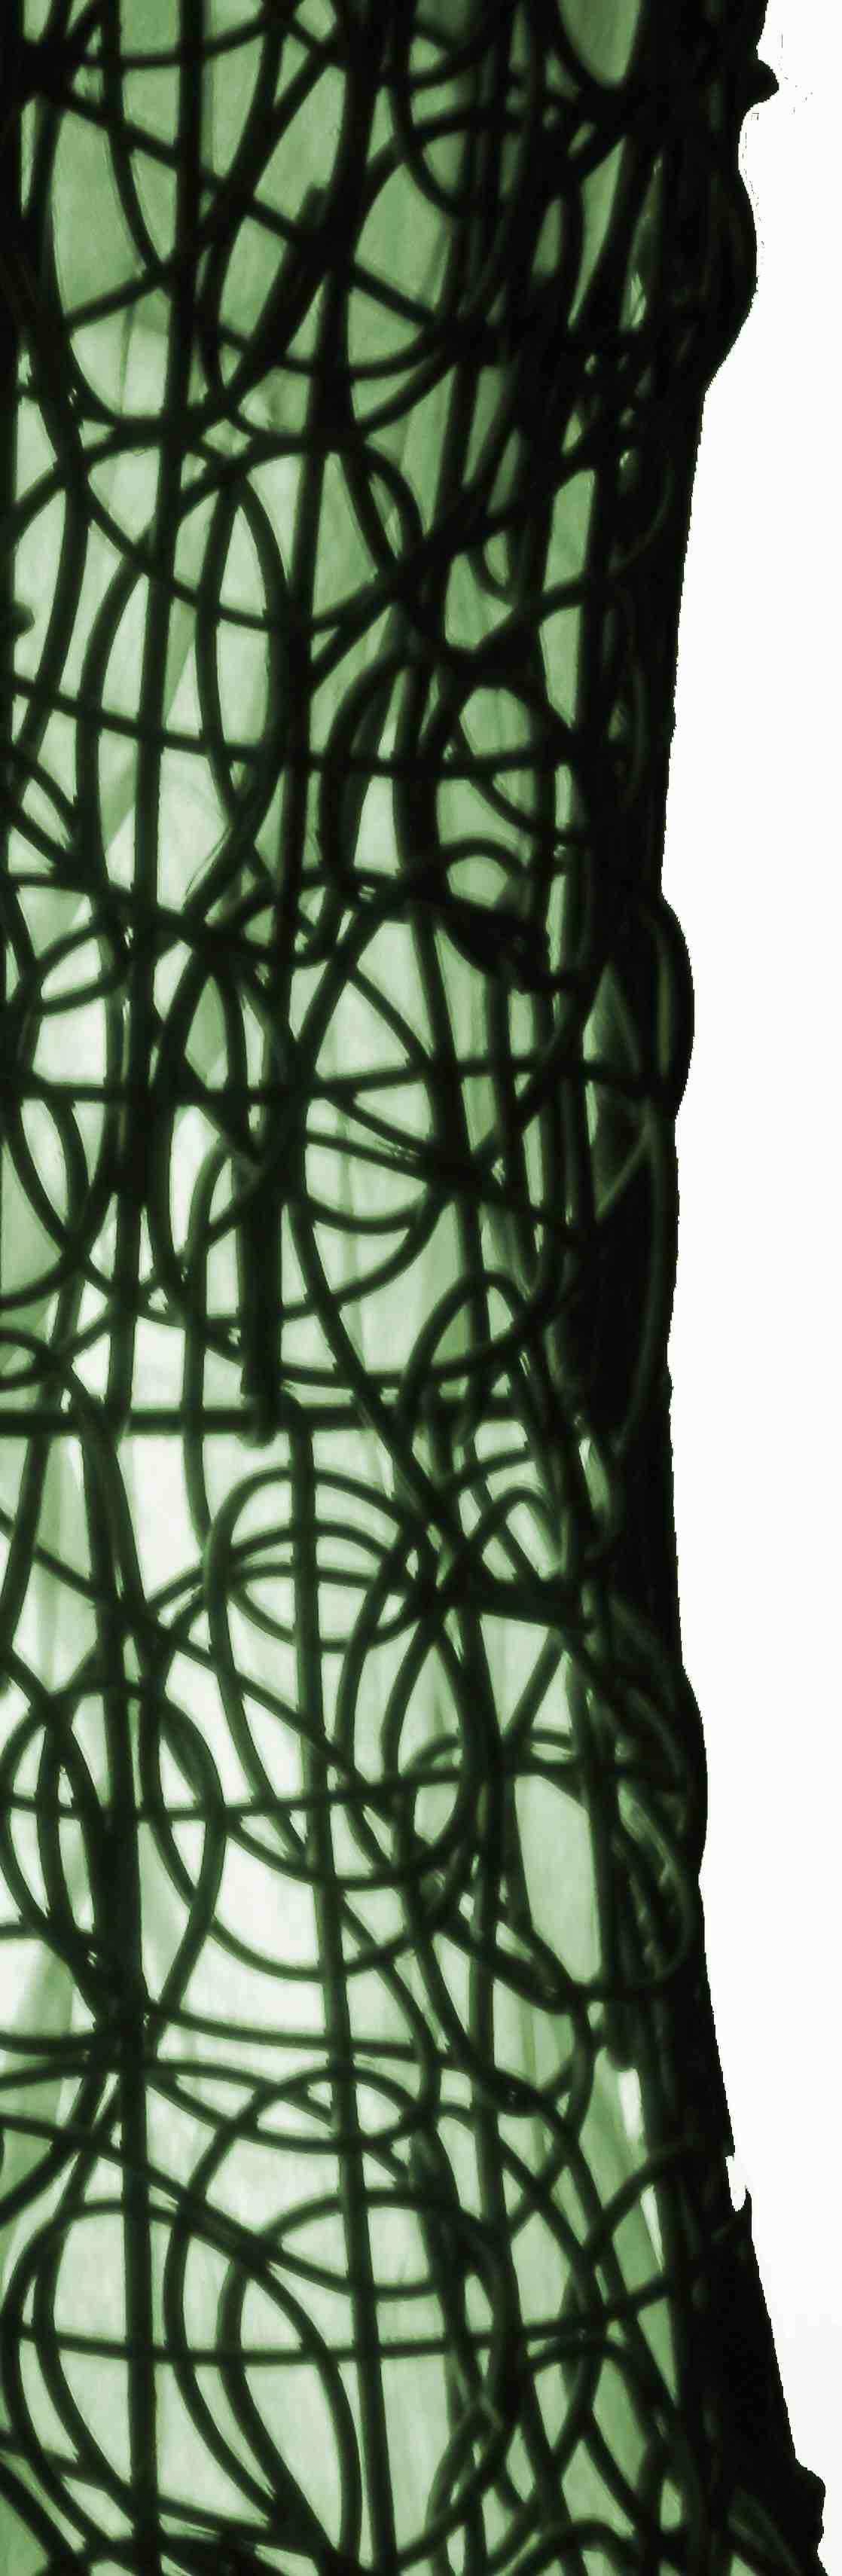 Lampada verde 2